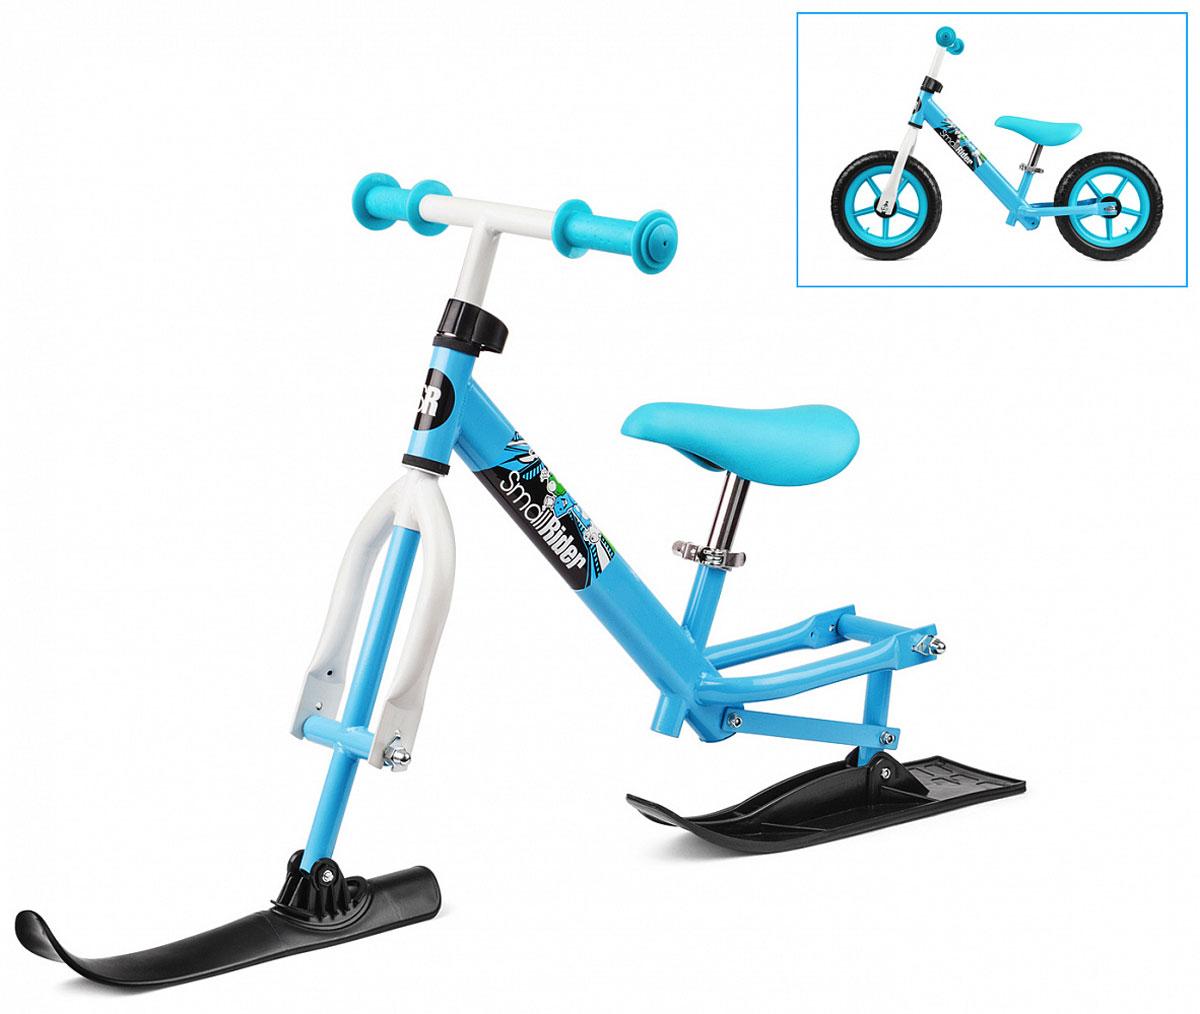 Small Rider Беговел Combo Racer 2 в 1 с лыжами и колесами цвет голубой - Беговелы